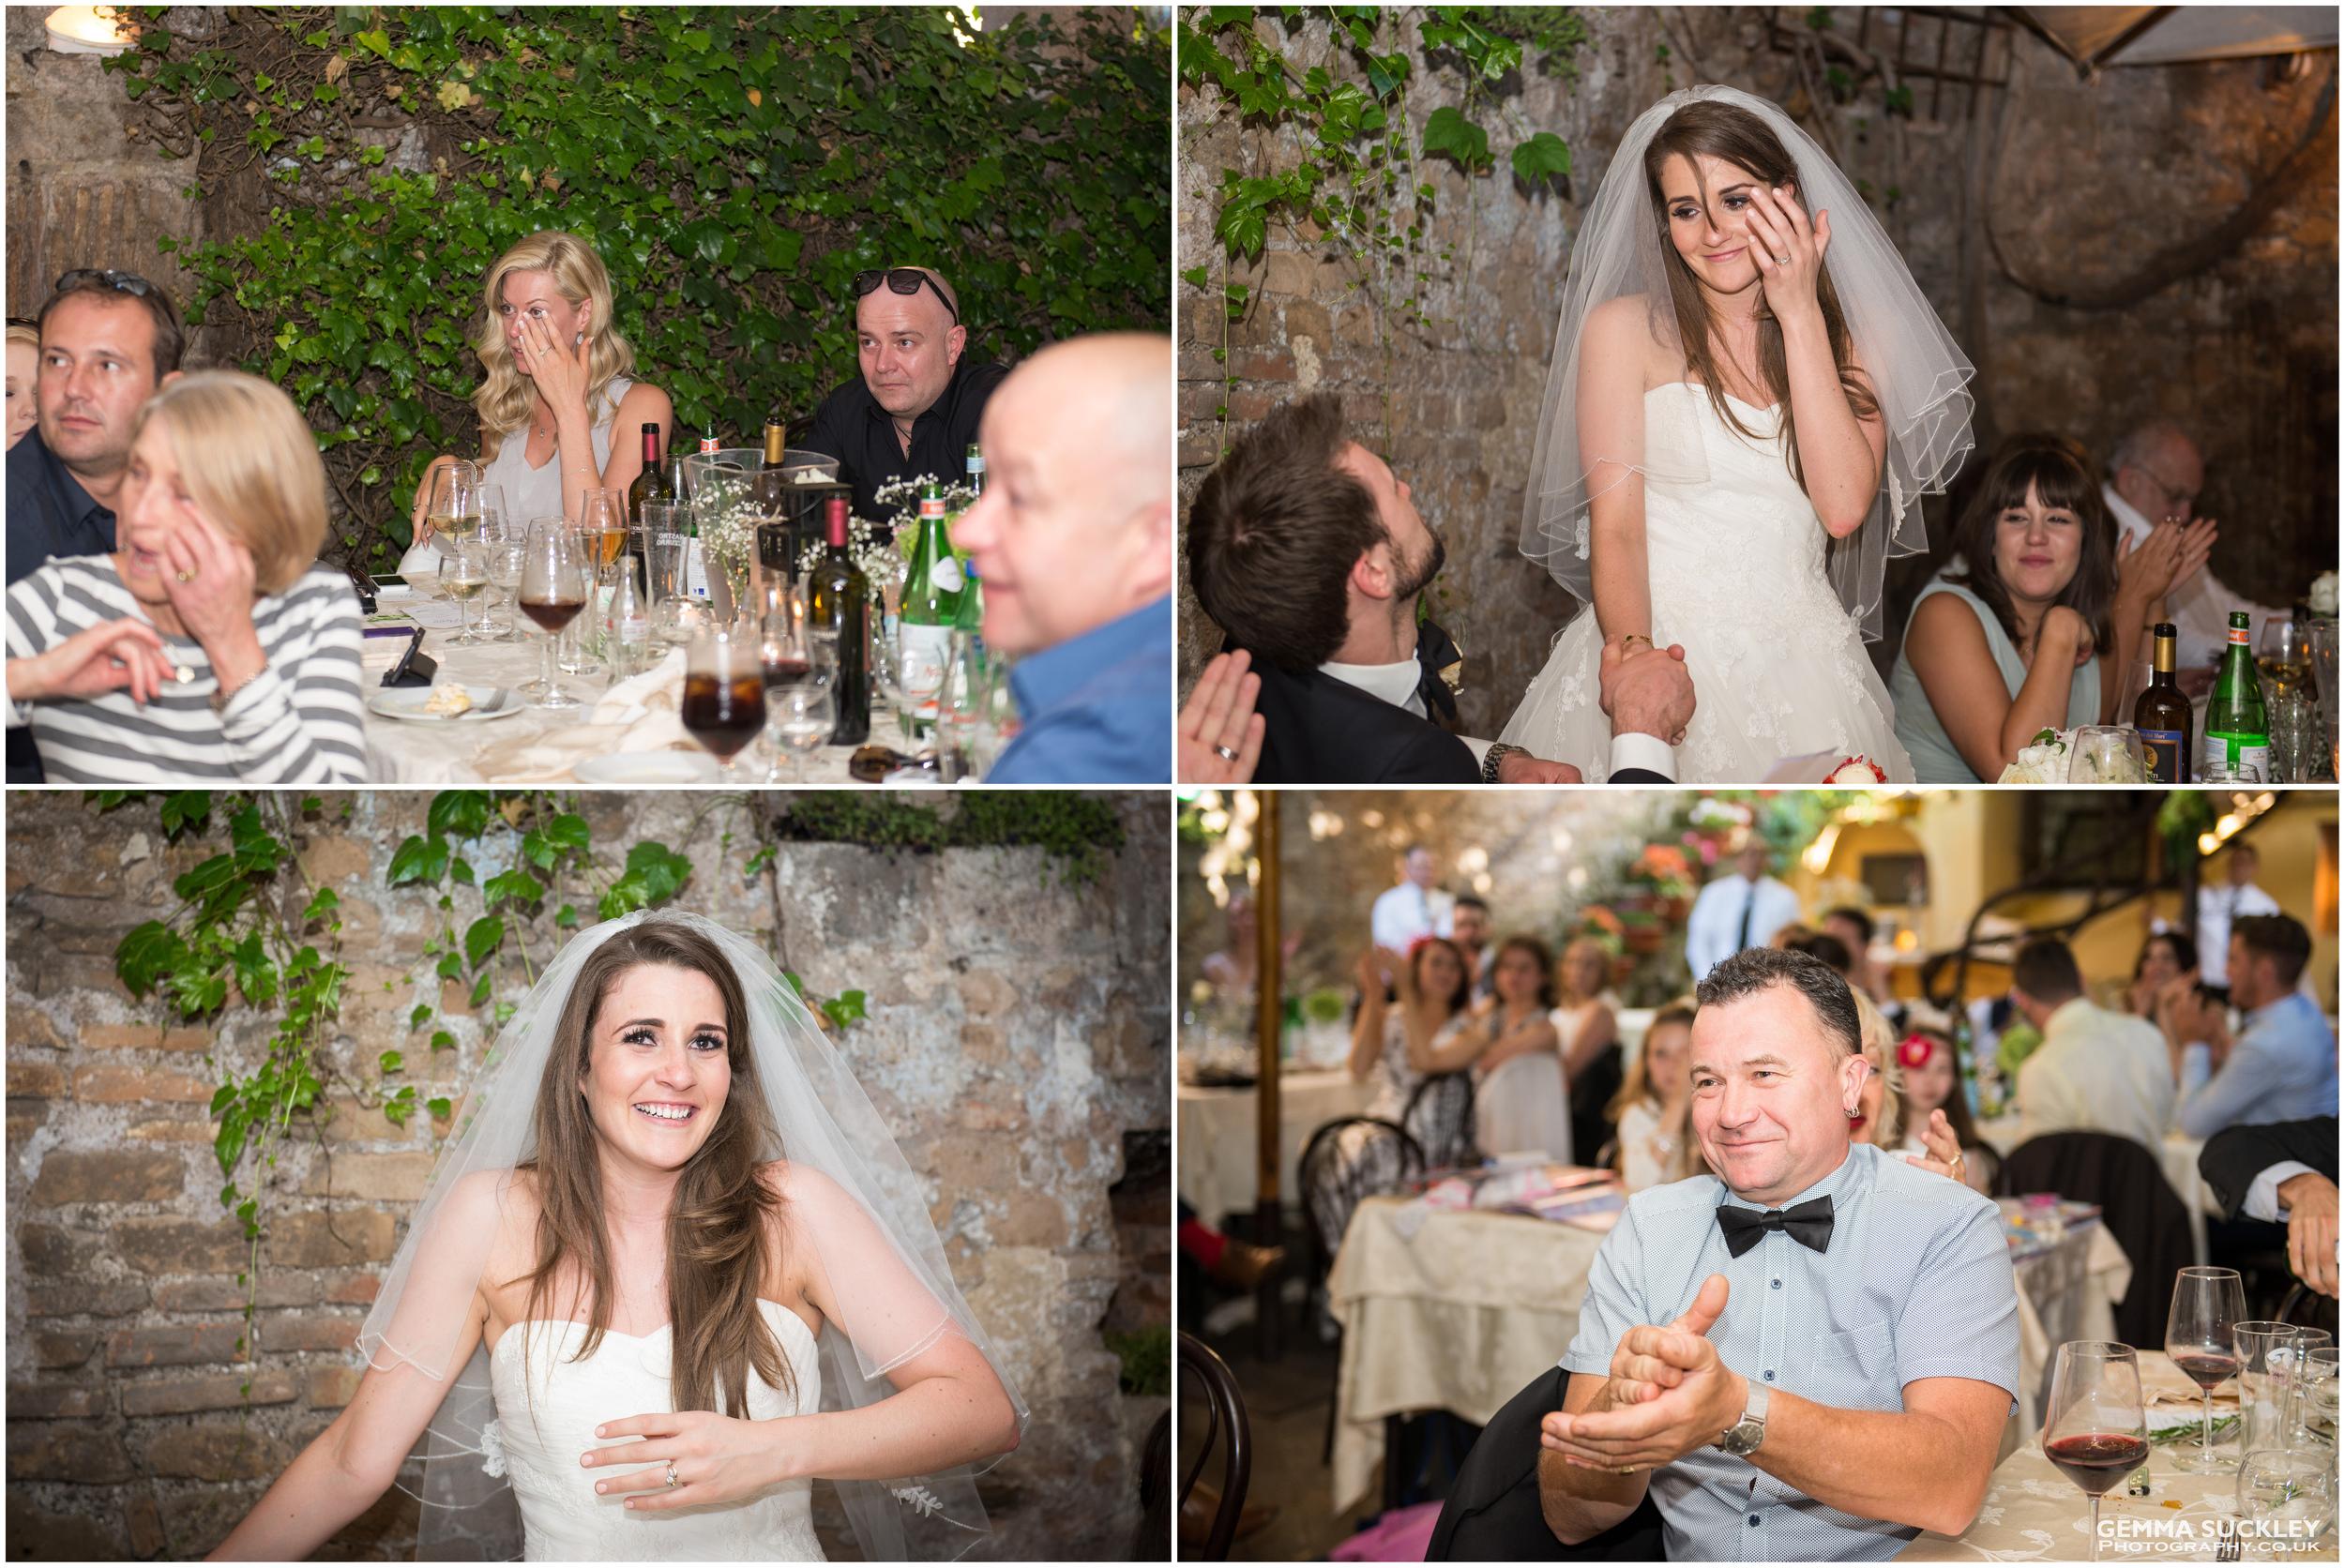 brides-speech-gemma-suckley-photography.jpg